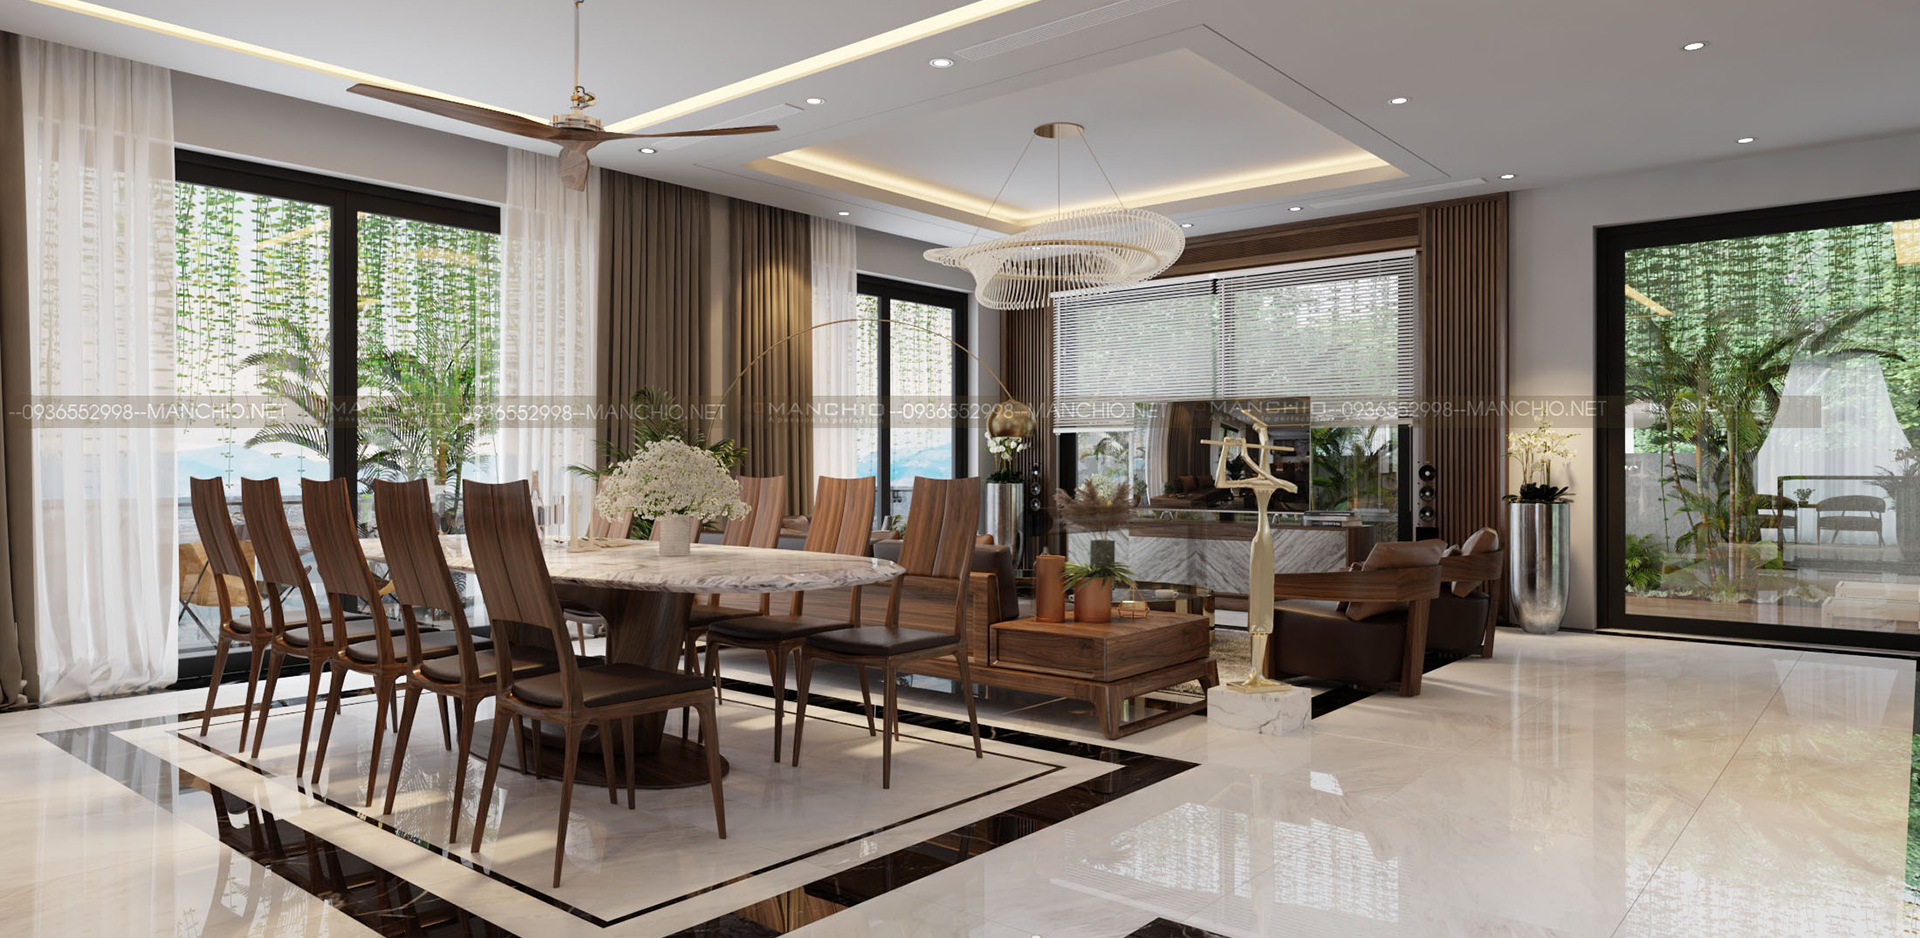 Thiết kế nội thất phòng khách biệt thự Monaco Hạ Long